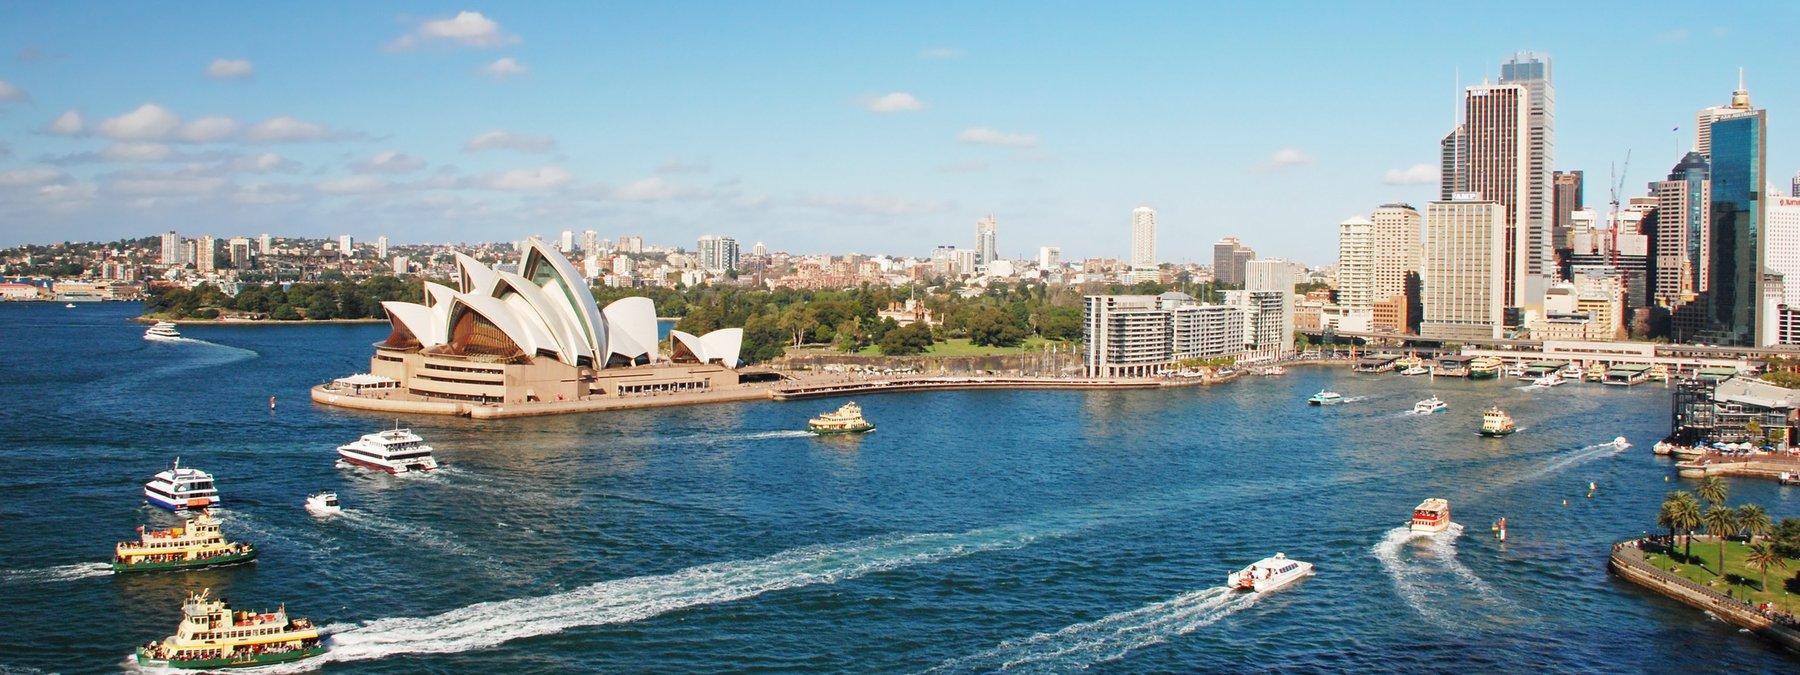 Amera - Hafen von Sydney, Australien